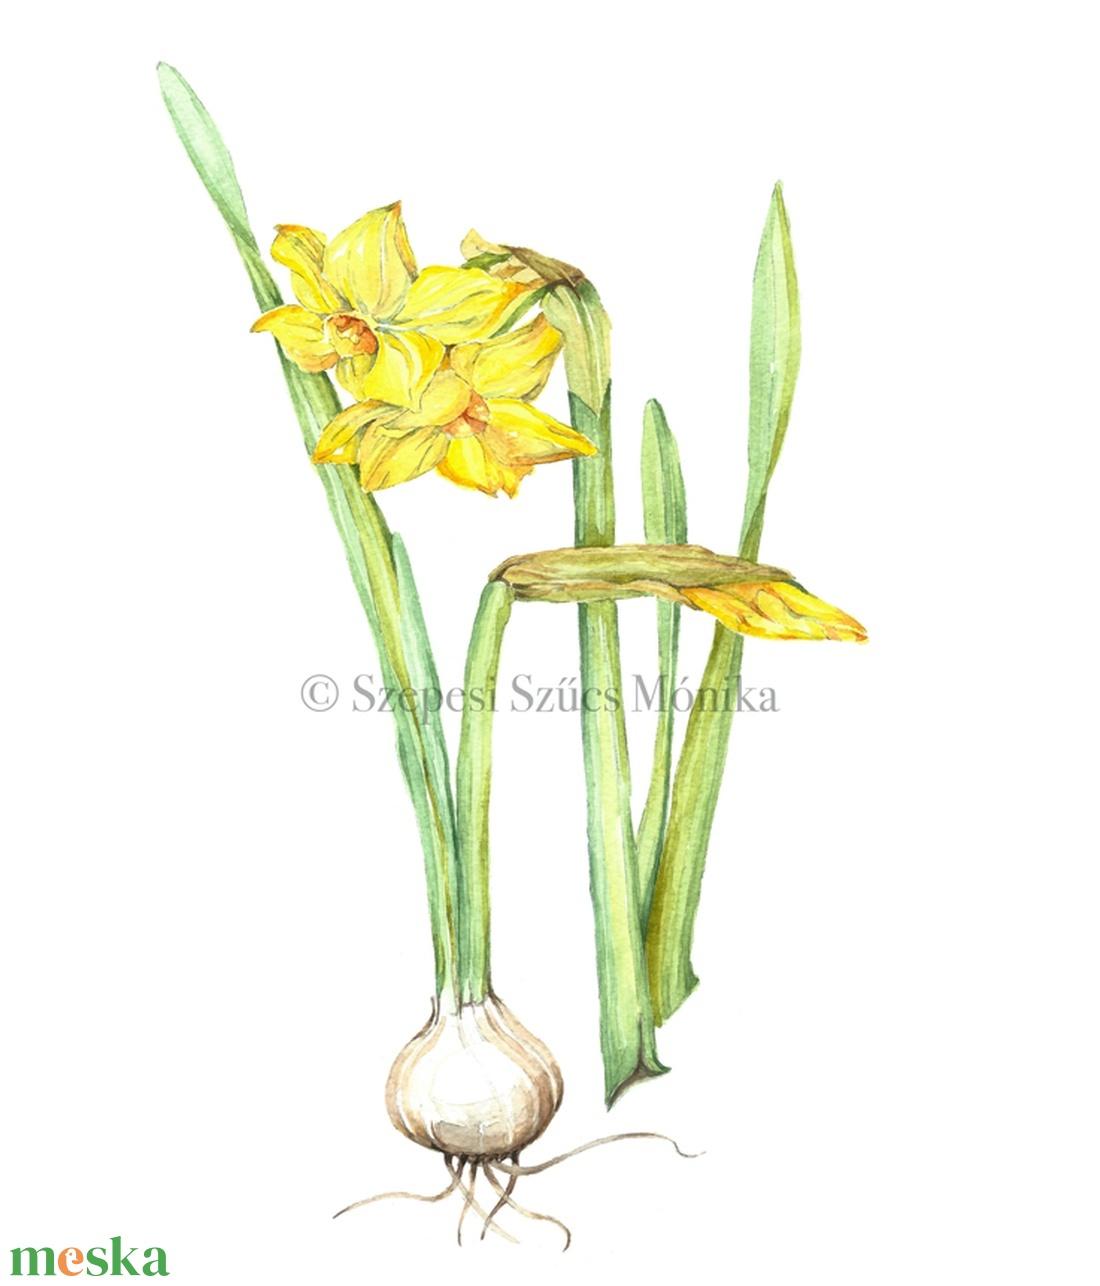 Nárcisz - Print (Akvarell) (BotanikAkvarell) - Meska.hu